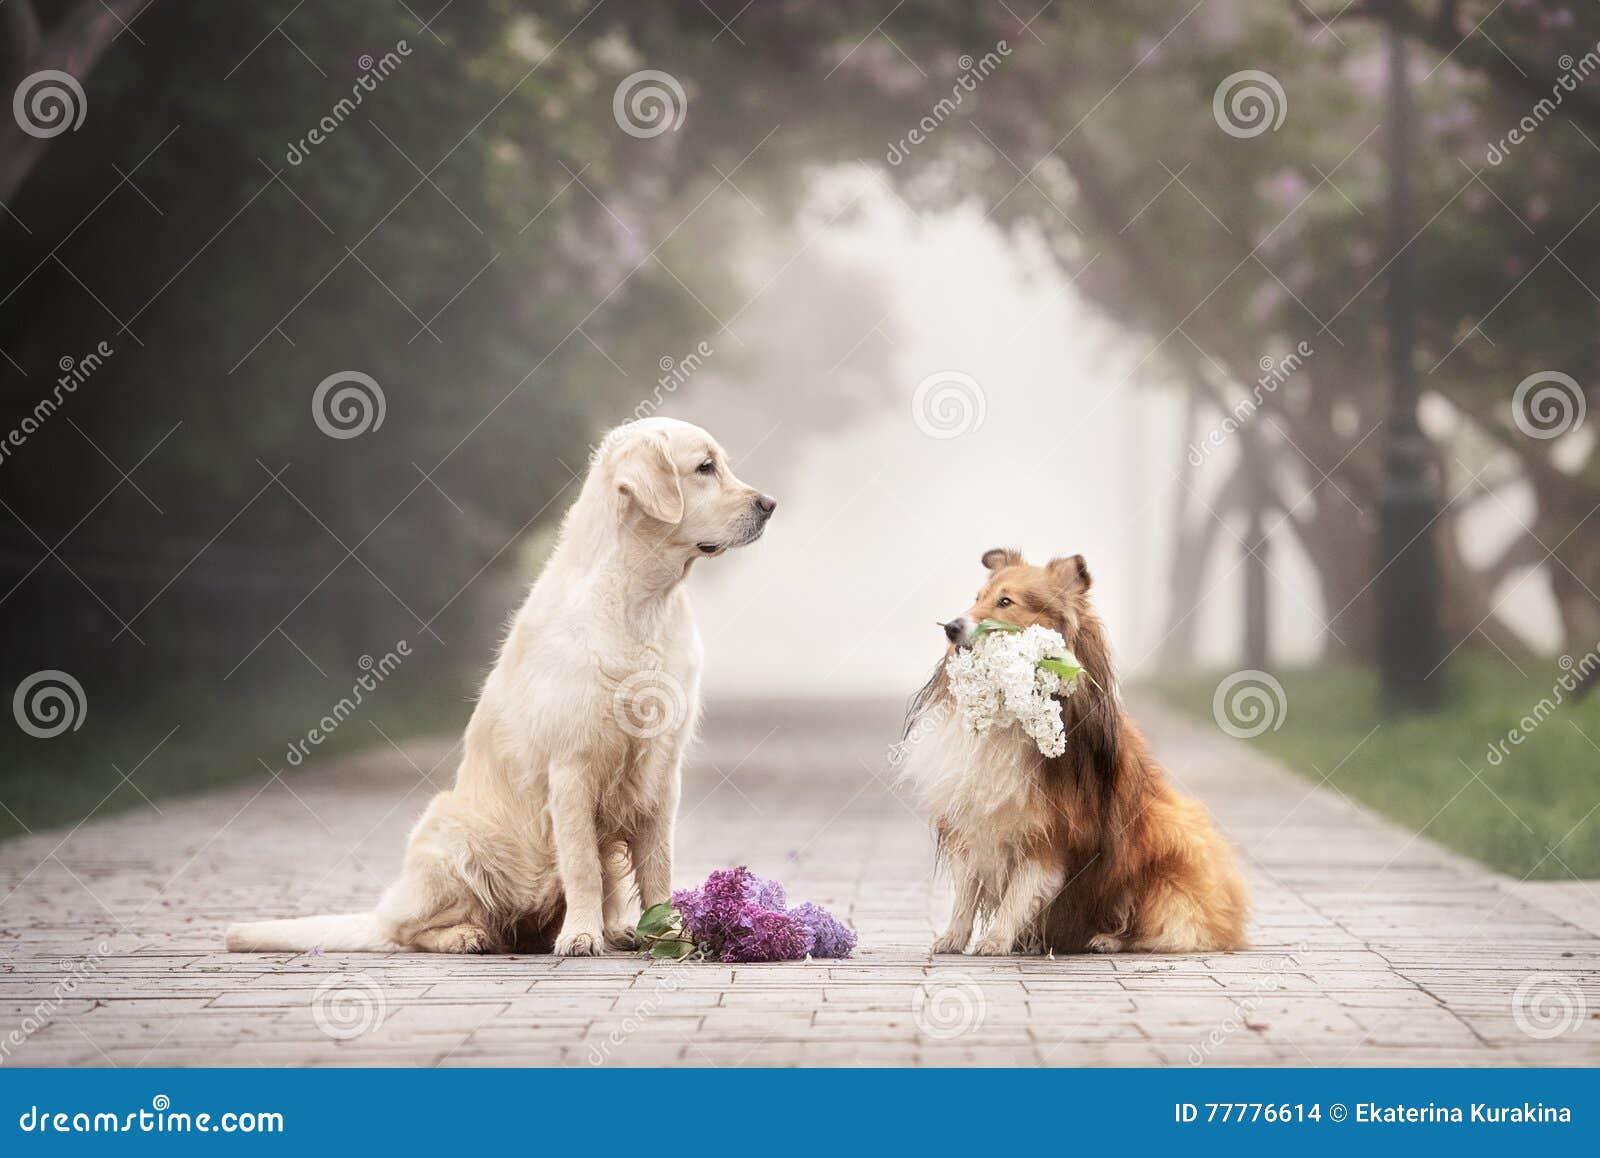 Любовная история 2 собак